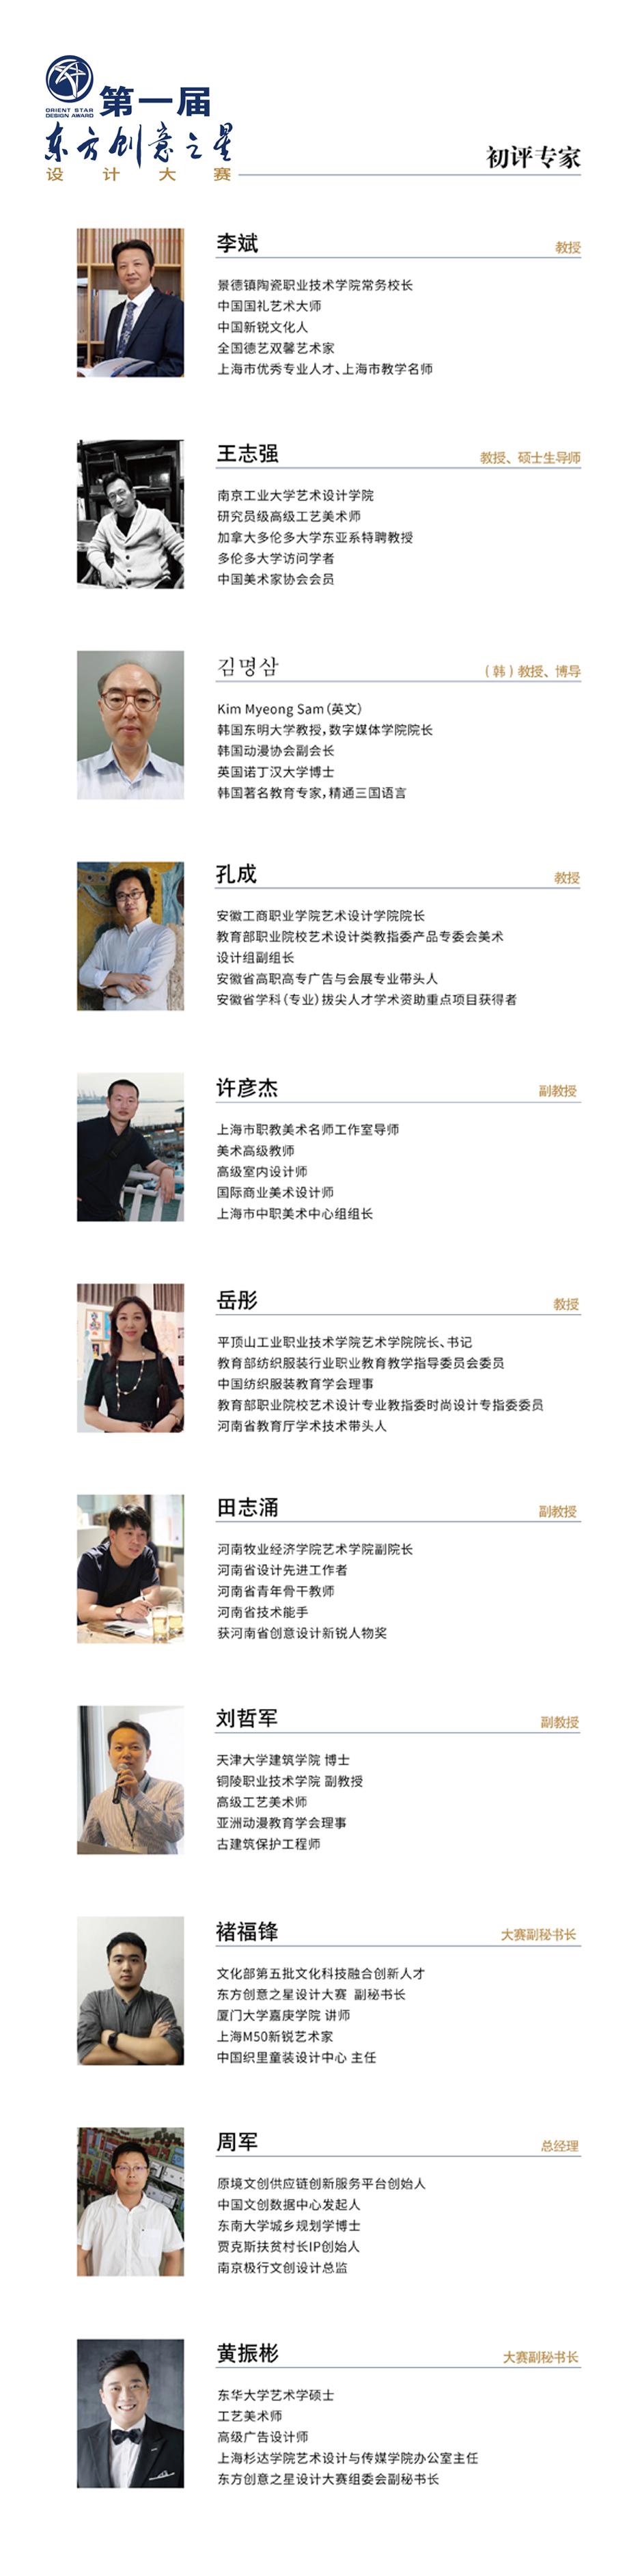 小像素 新闻发布专家简介 合并 -初评.jpg